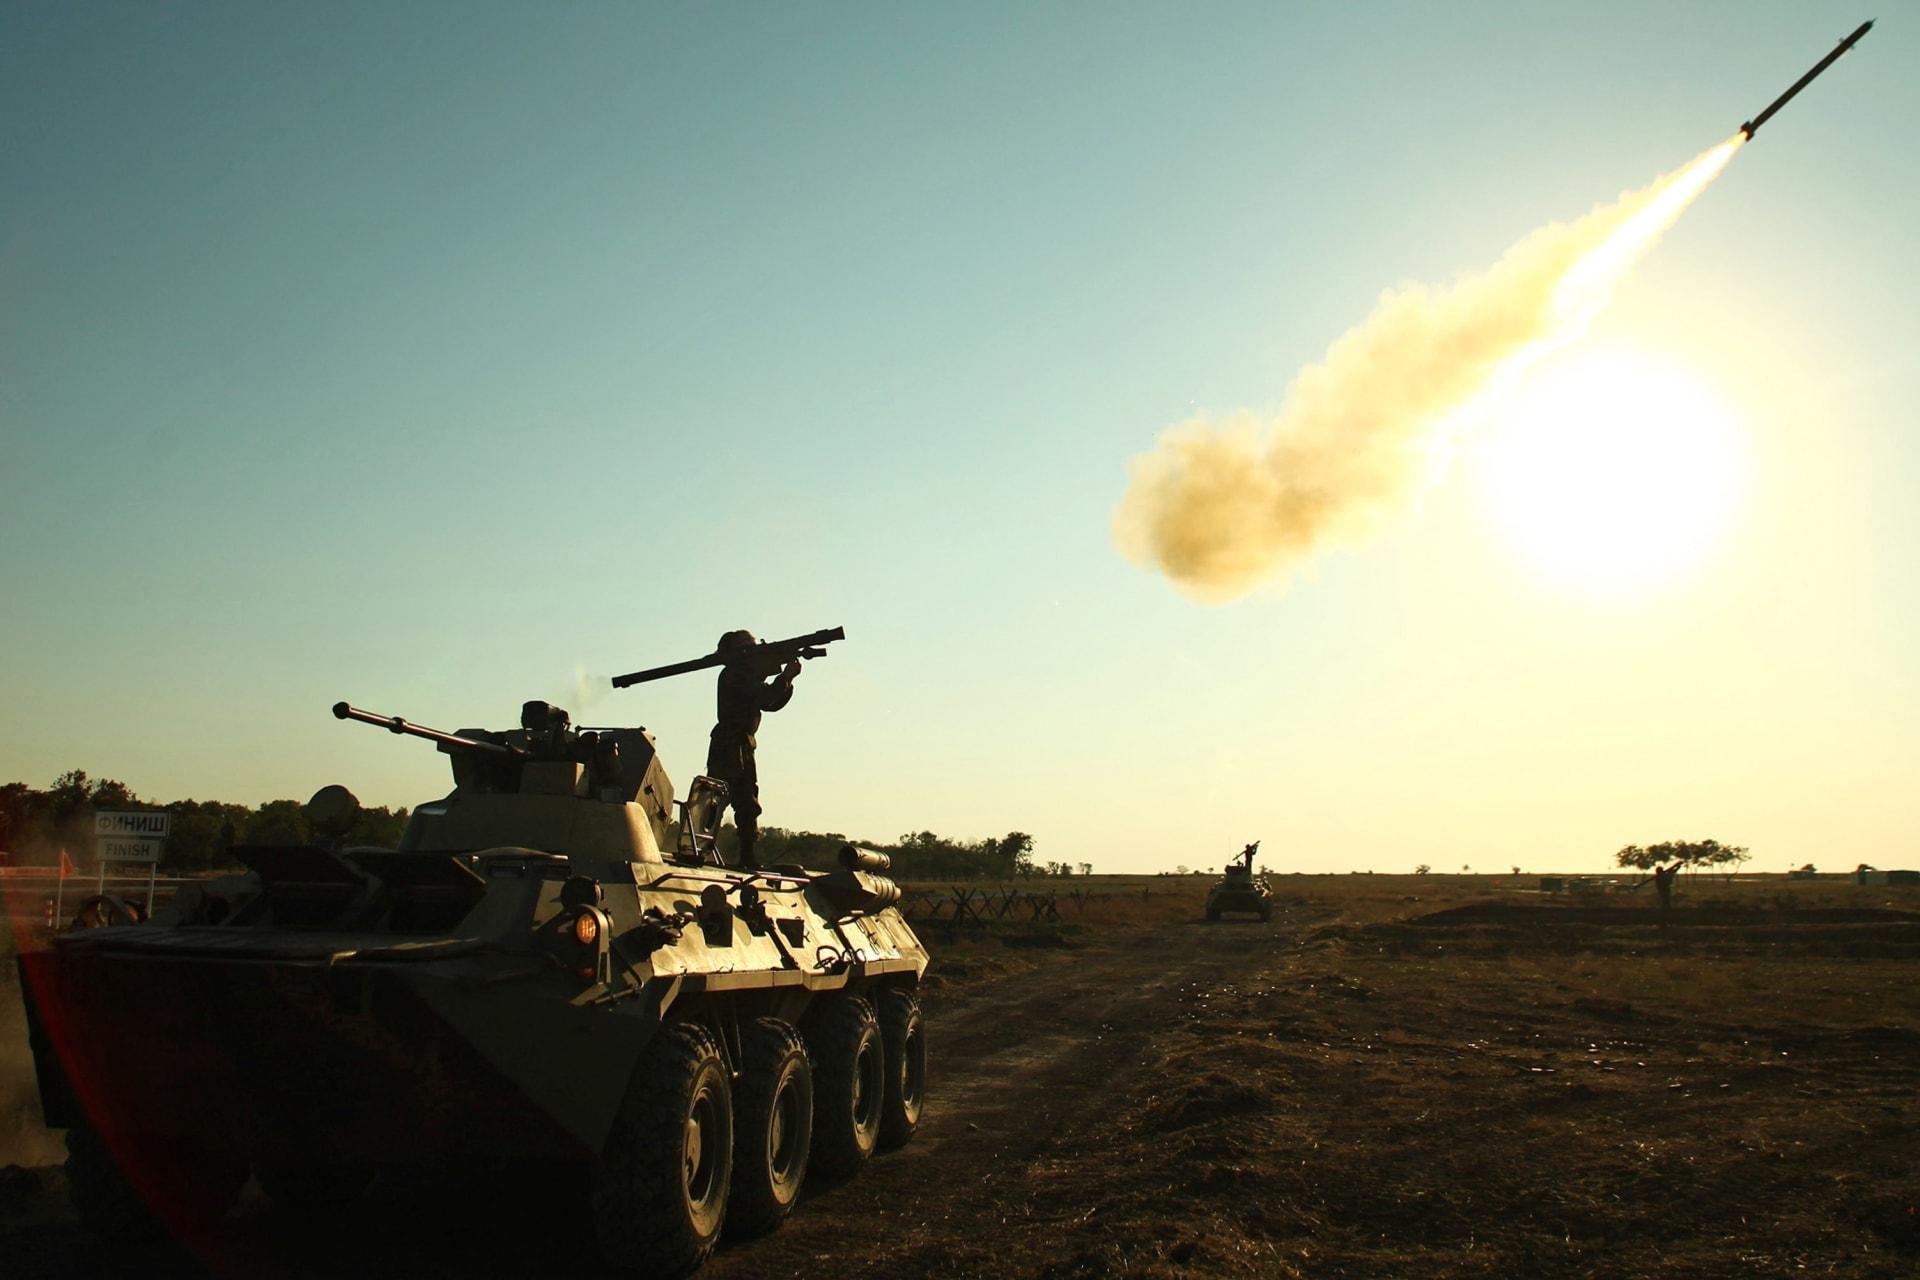 تقرير عالمي عن تجارة الأسلحة: السعودية ثاني أكبر مستورد للأسلحة في العالم وقطر ترفع وارداتها بـ245%